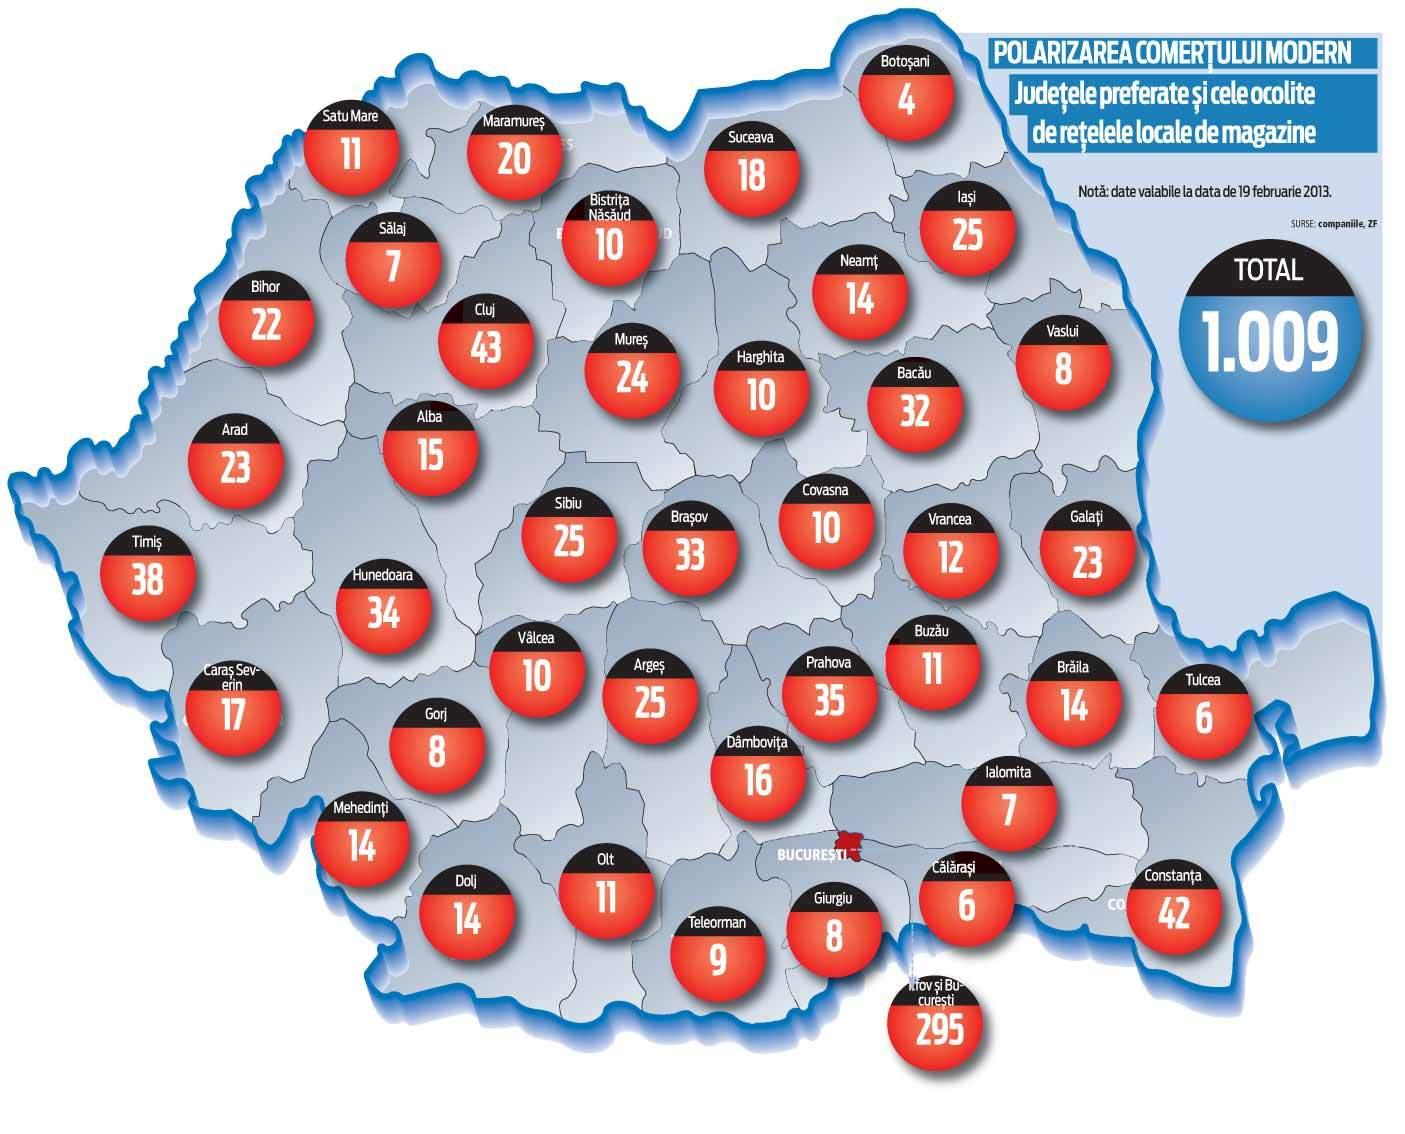 Harta Comerţului Modern Local 1 000 De Magazine Din Care O Treime